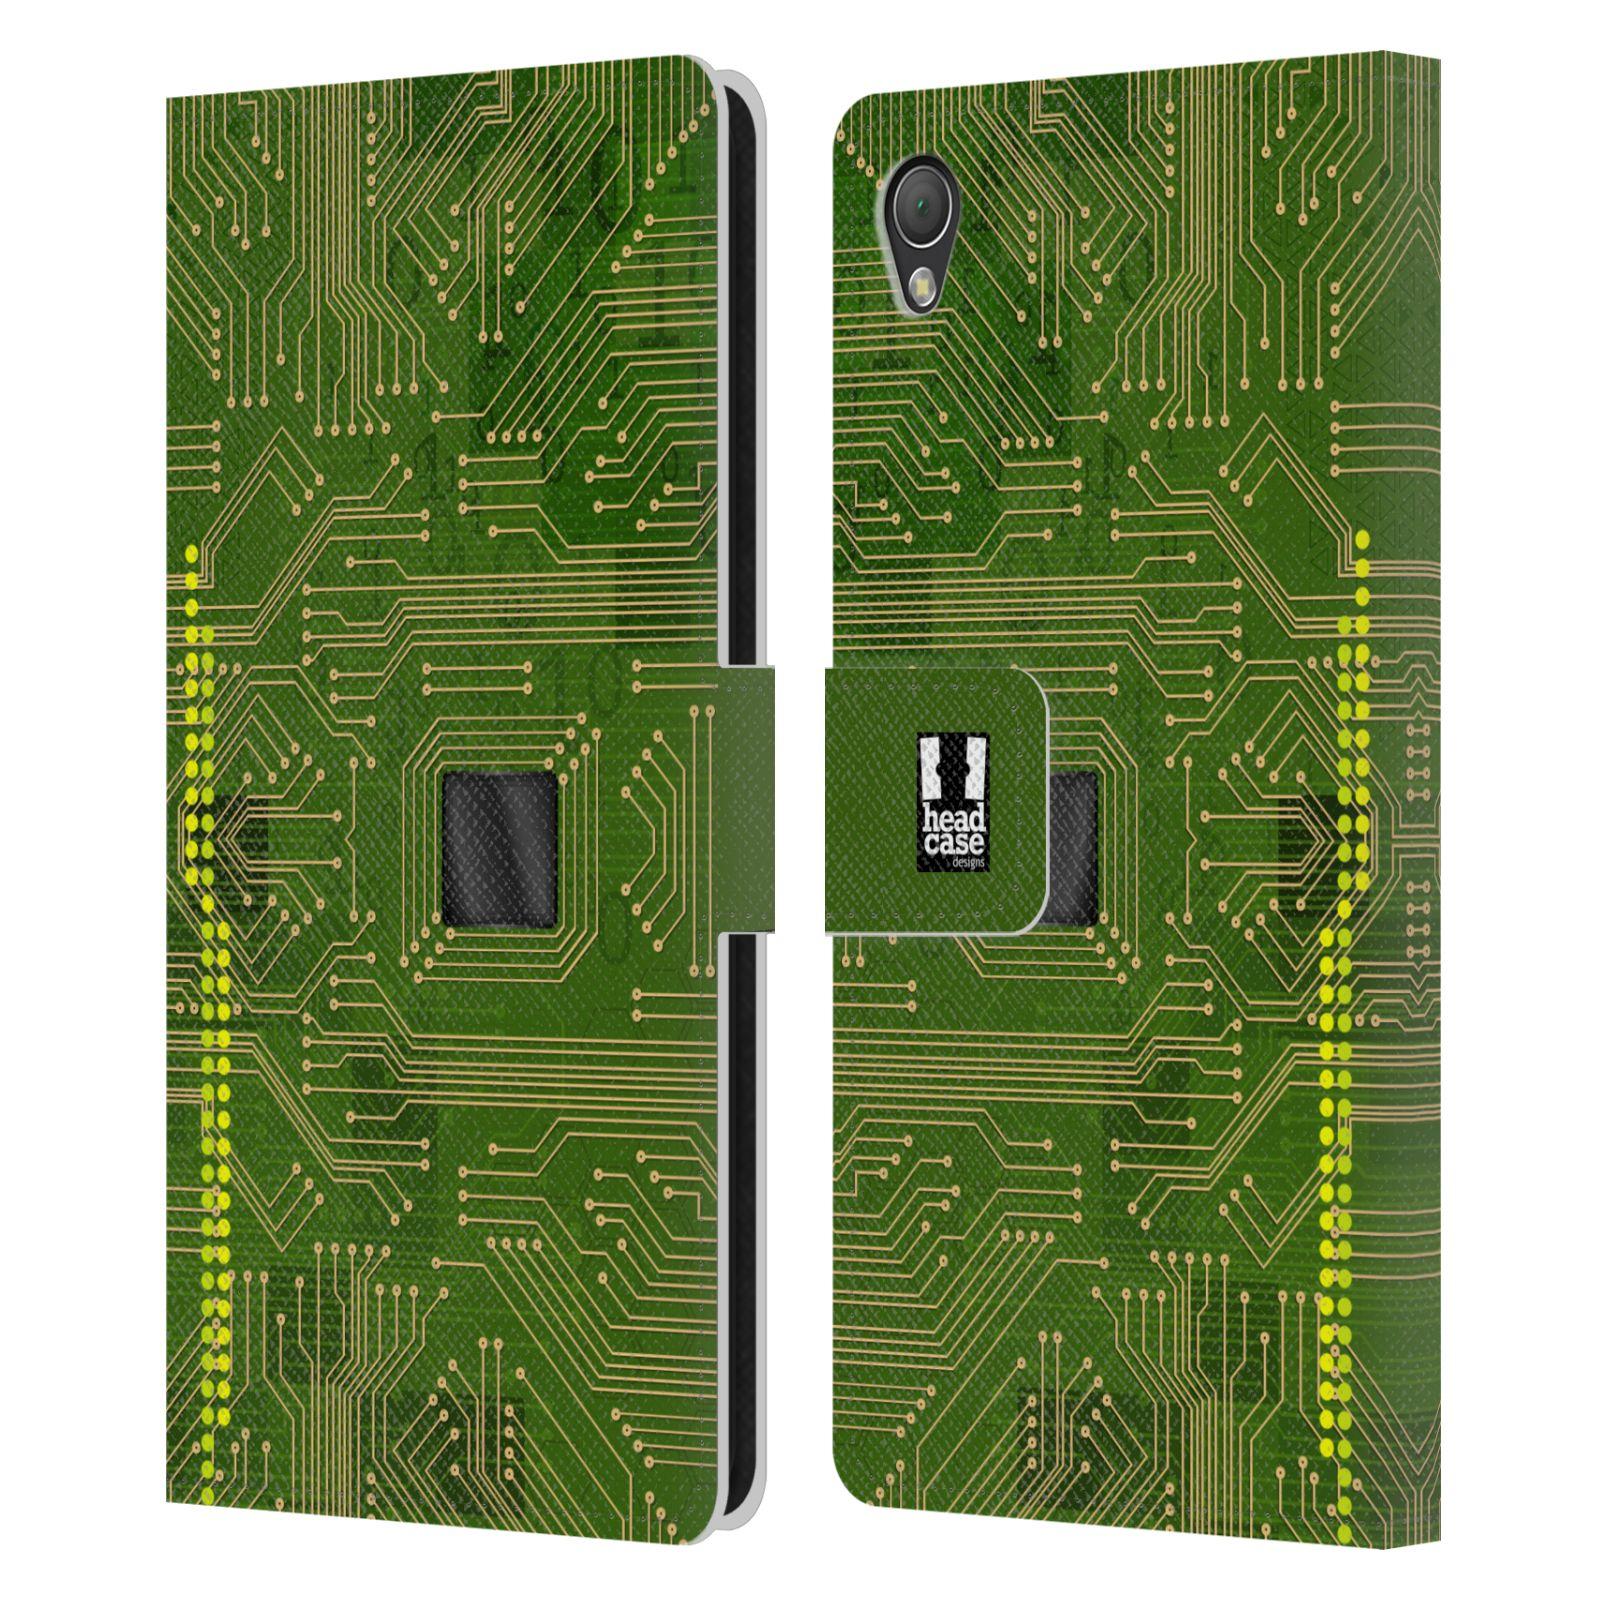 HEAD CASE Flipové pouzdro pro mobil SONY XPERIA Z3 počítač základní deska zelená barva